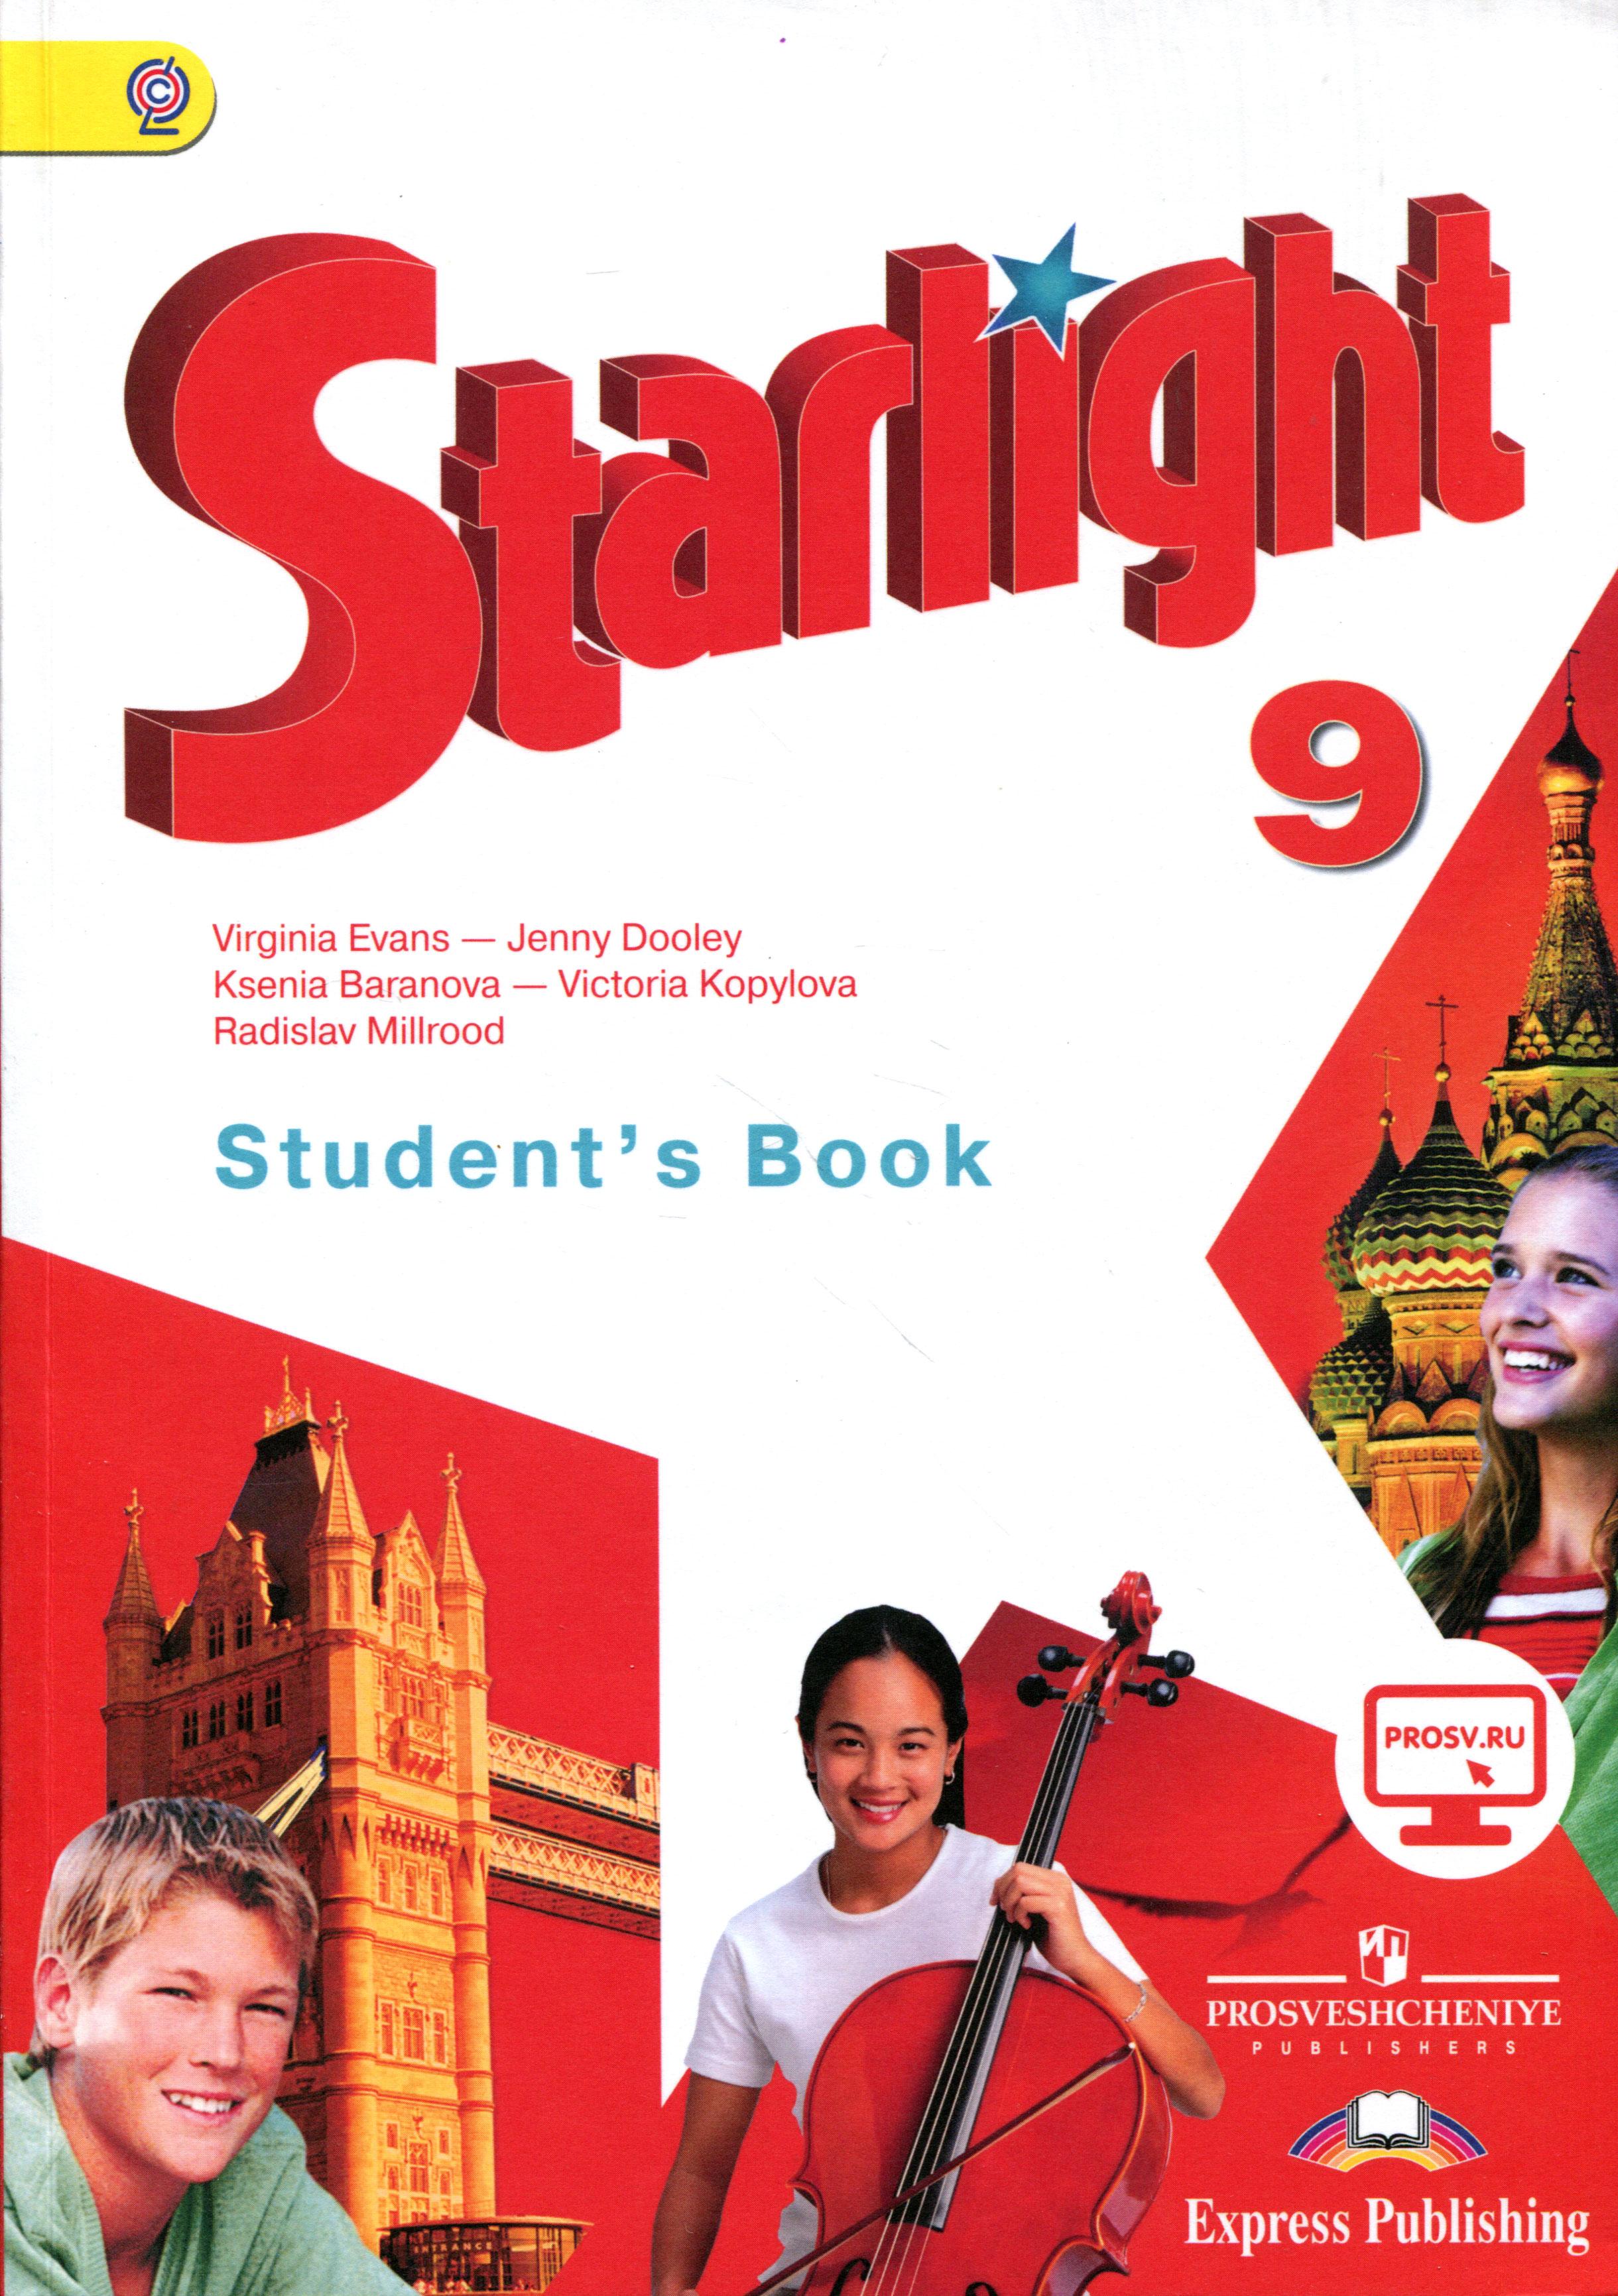 Starlight 9: Student's Book / Английский язык. 9 класс. Учебник для общеобразовательных организаций и школ с углубленным изучением английского языка